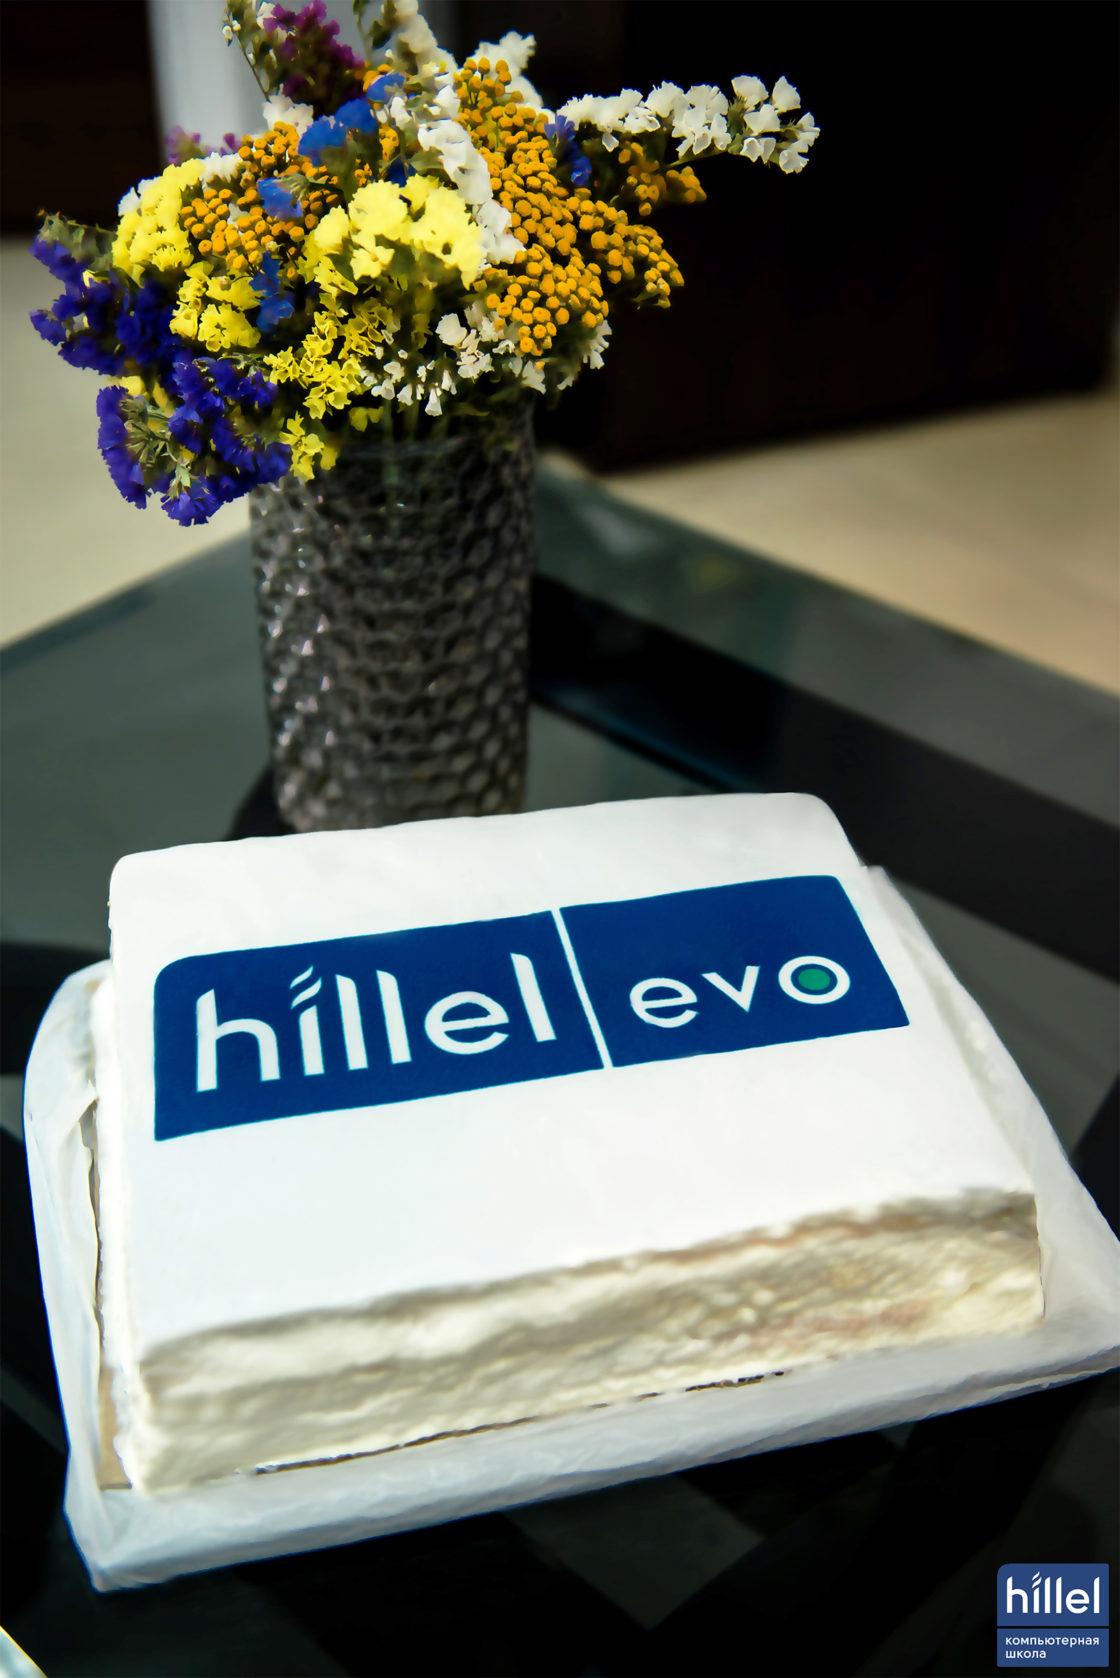 Новости школы: Презентация рабочих прототипов программы Hillel Evo в Днепре. Праздничный торт